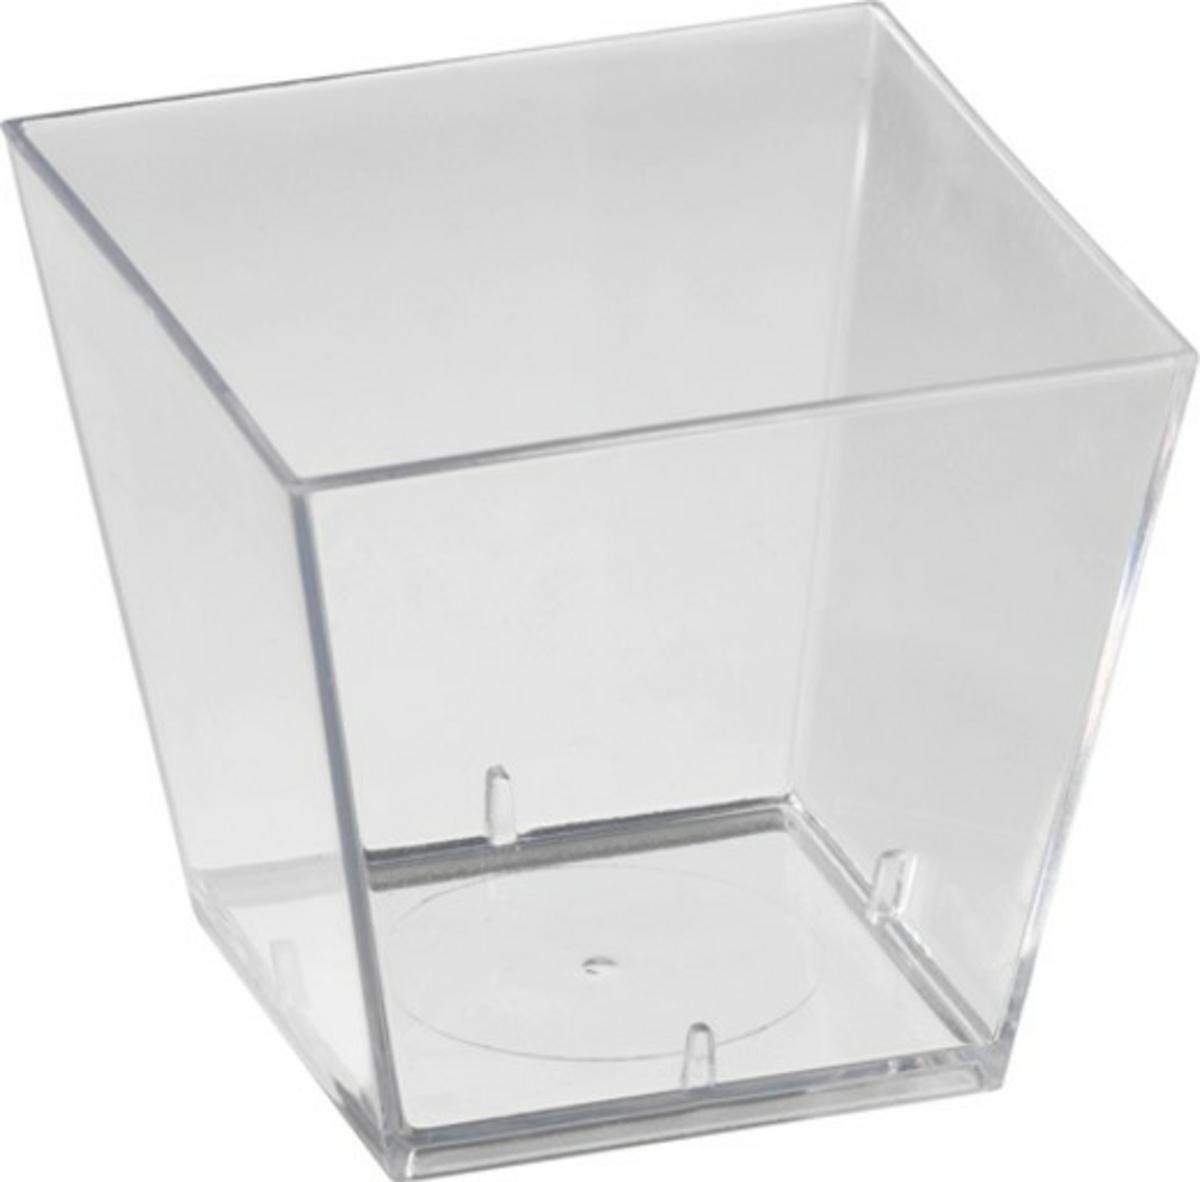 Verrine carrée transparente 4,70x4,70 cm 6 cl Duni (100 pièces)